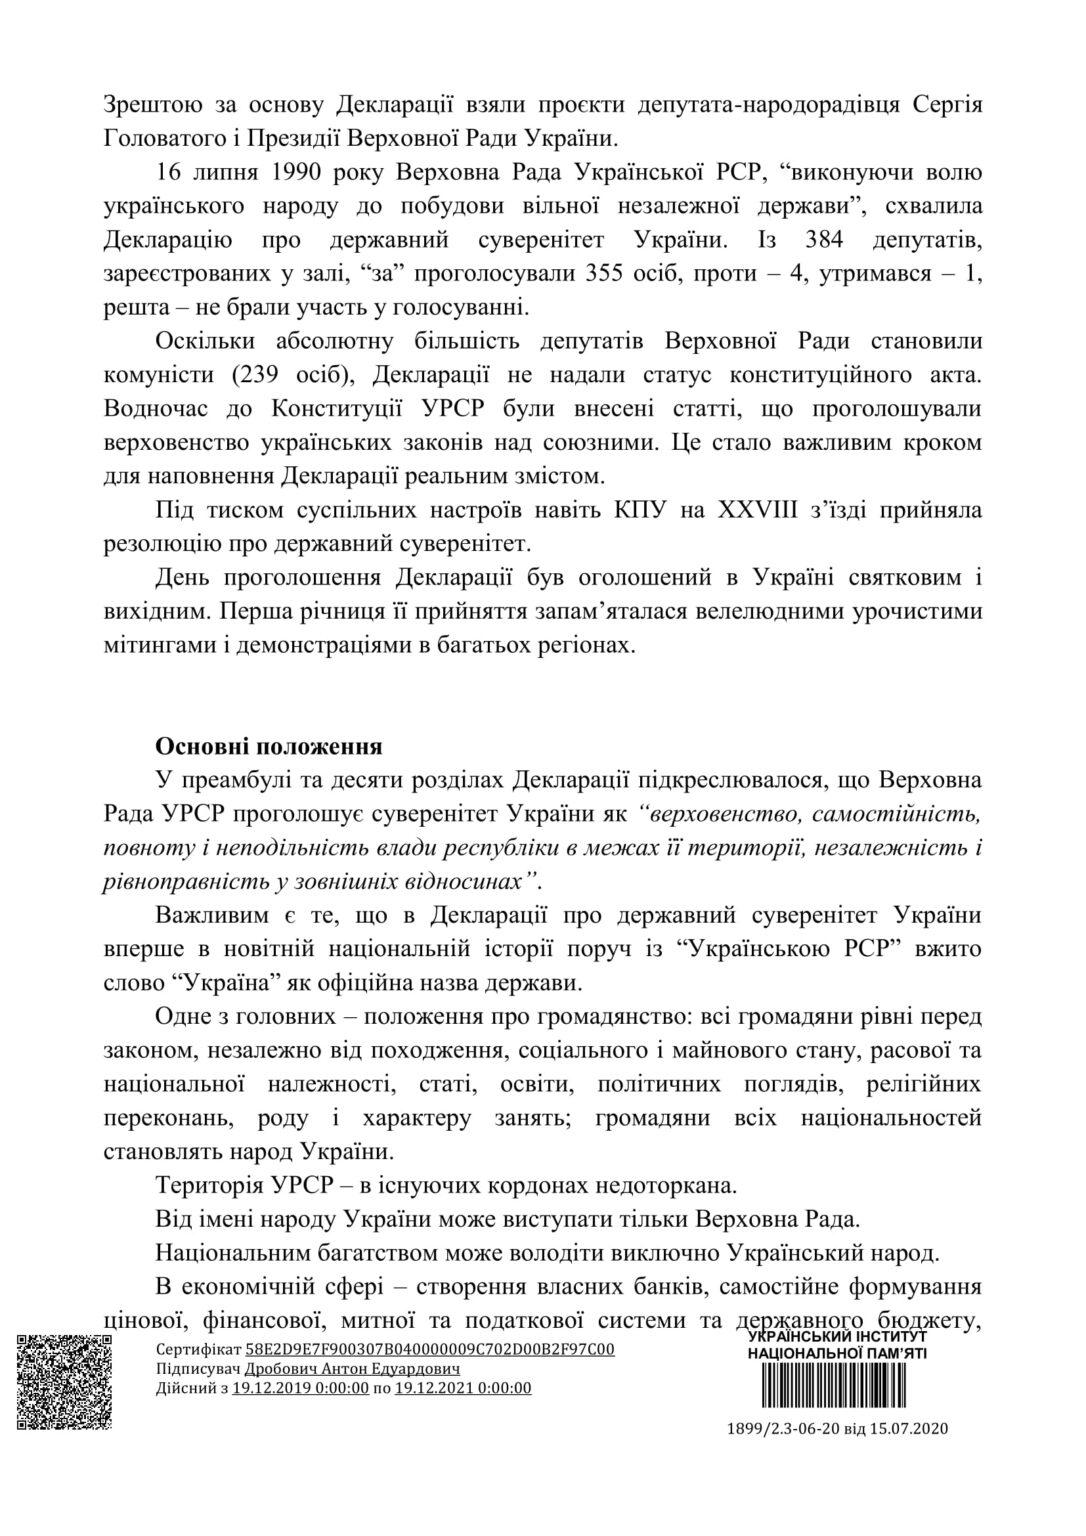 Інформаційні матеріали до 30 років прийняття Декларації-5